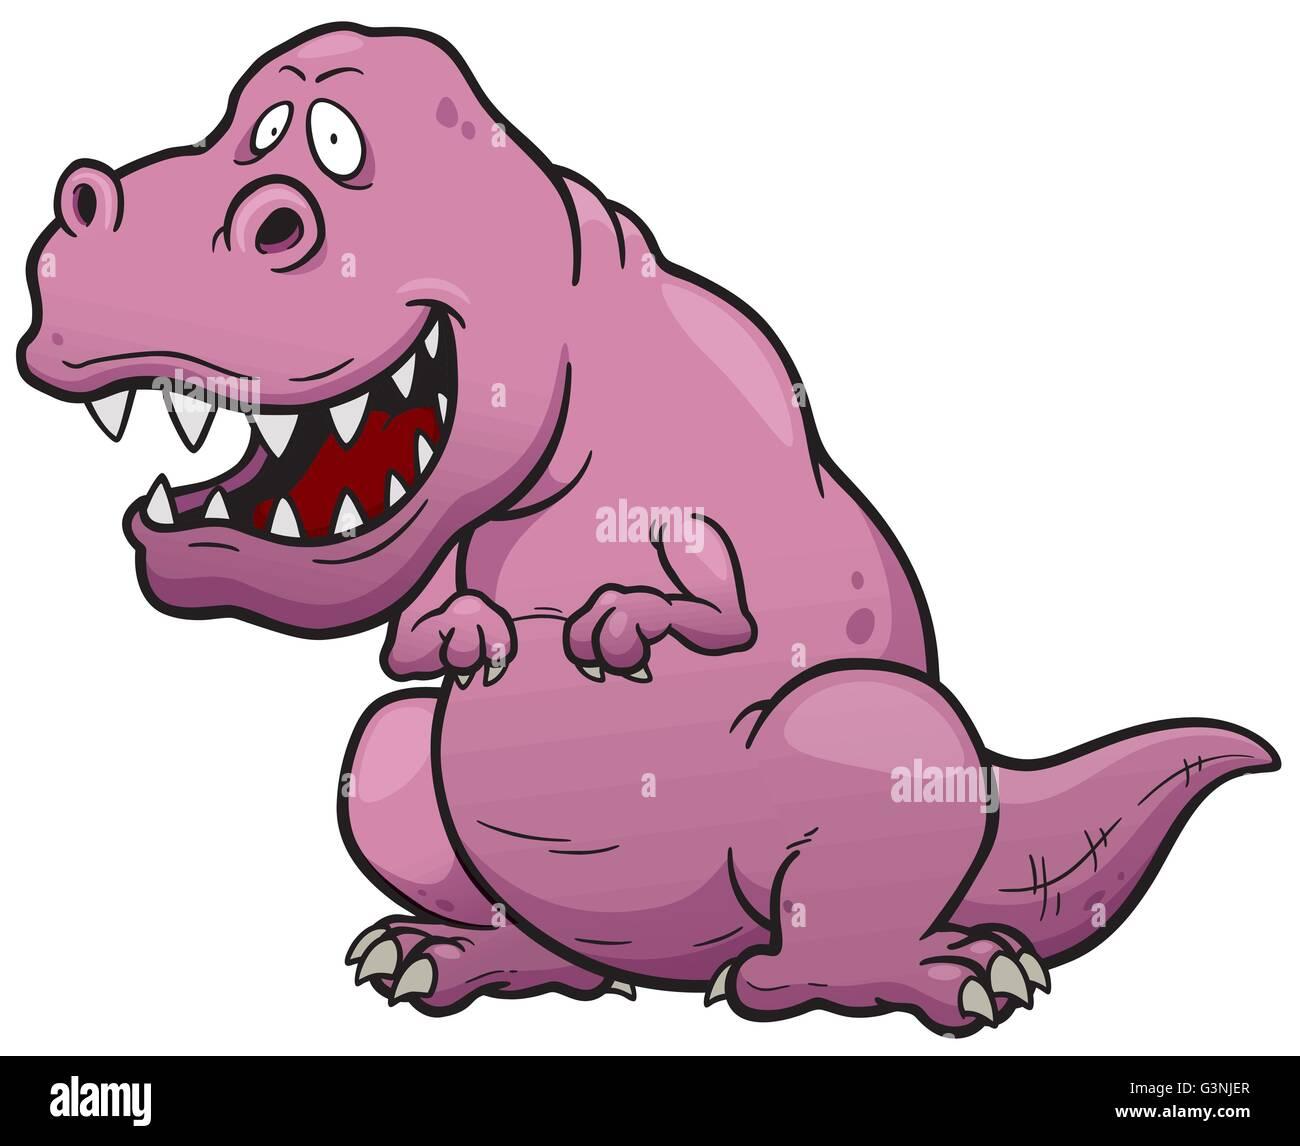 Ilustración Vectorial De Dibujos Animados De Dinosaurios T Rex